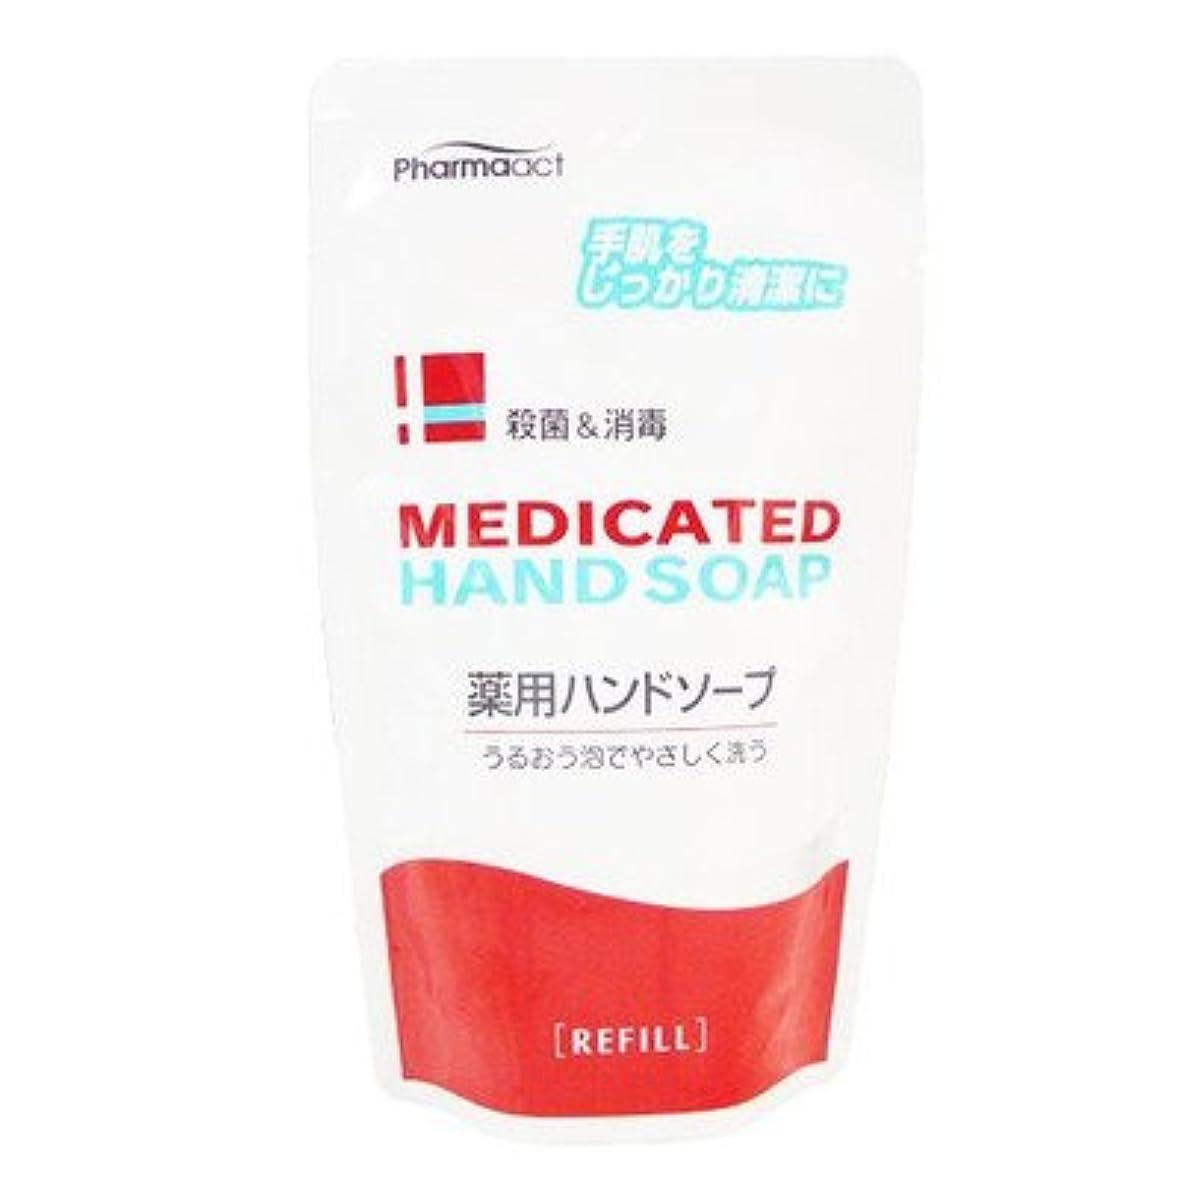 シリーズ研磨剤テロリストMedicated 薬用ハンドソープ 殺菌+消毒 200ml【つめかえ用】(医薬部外品)